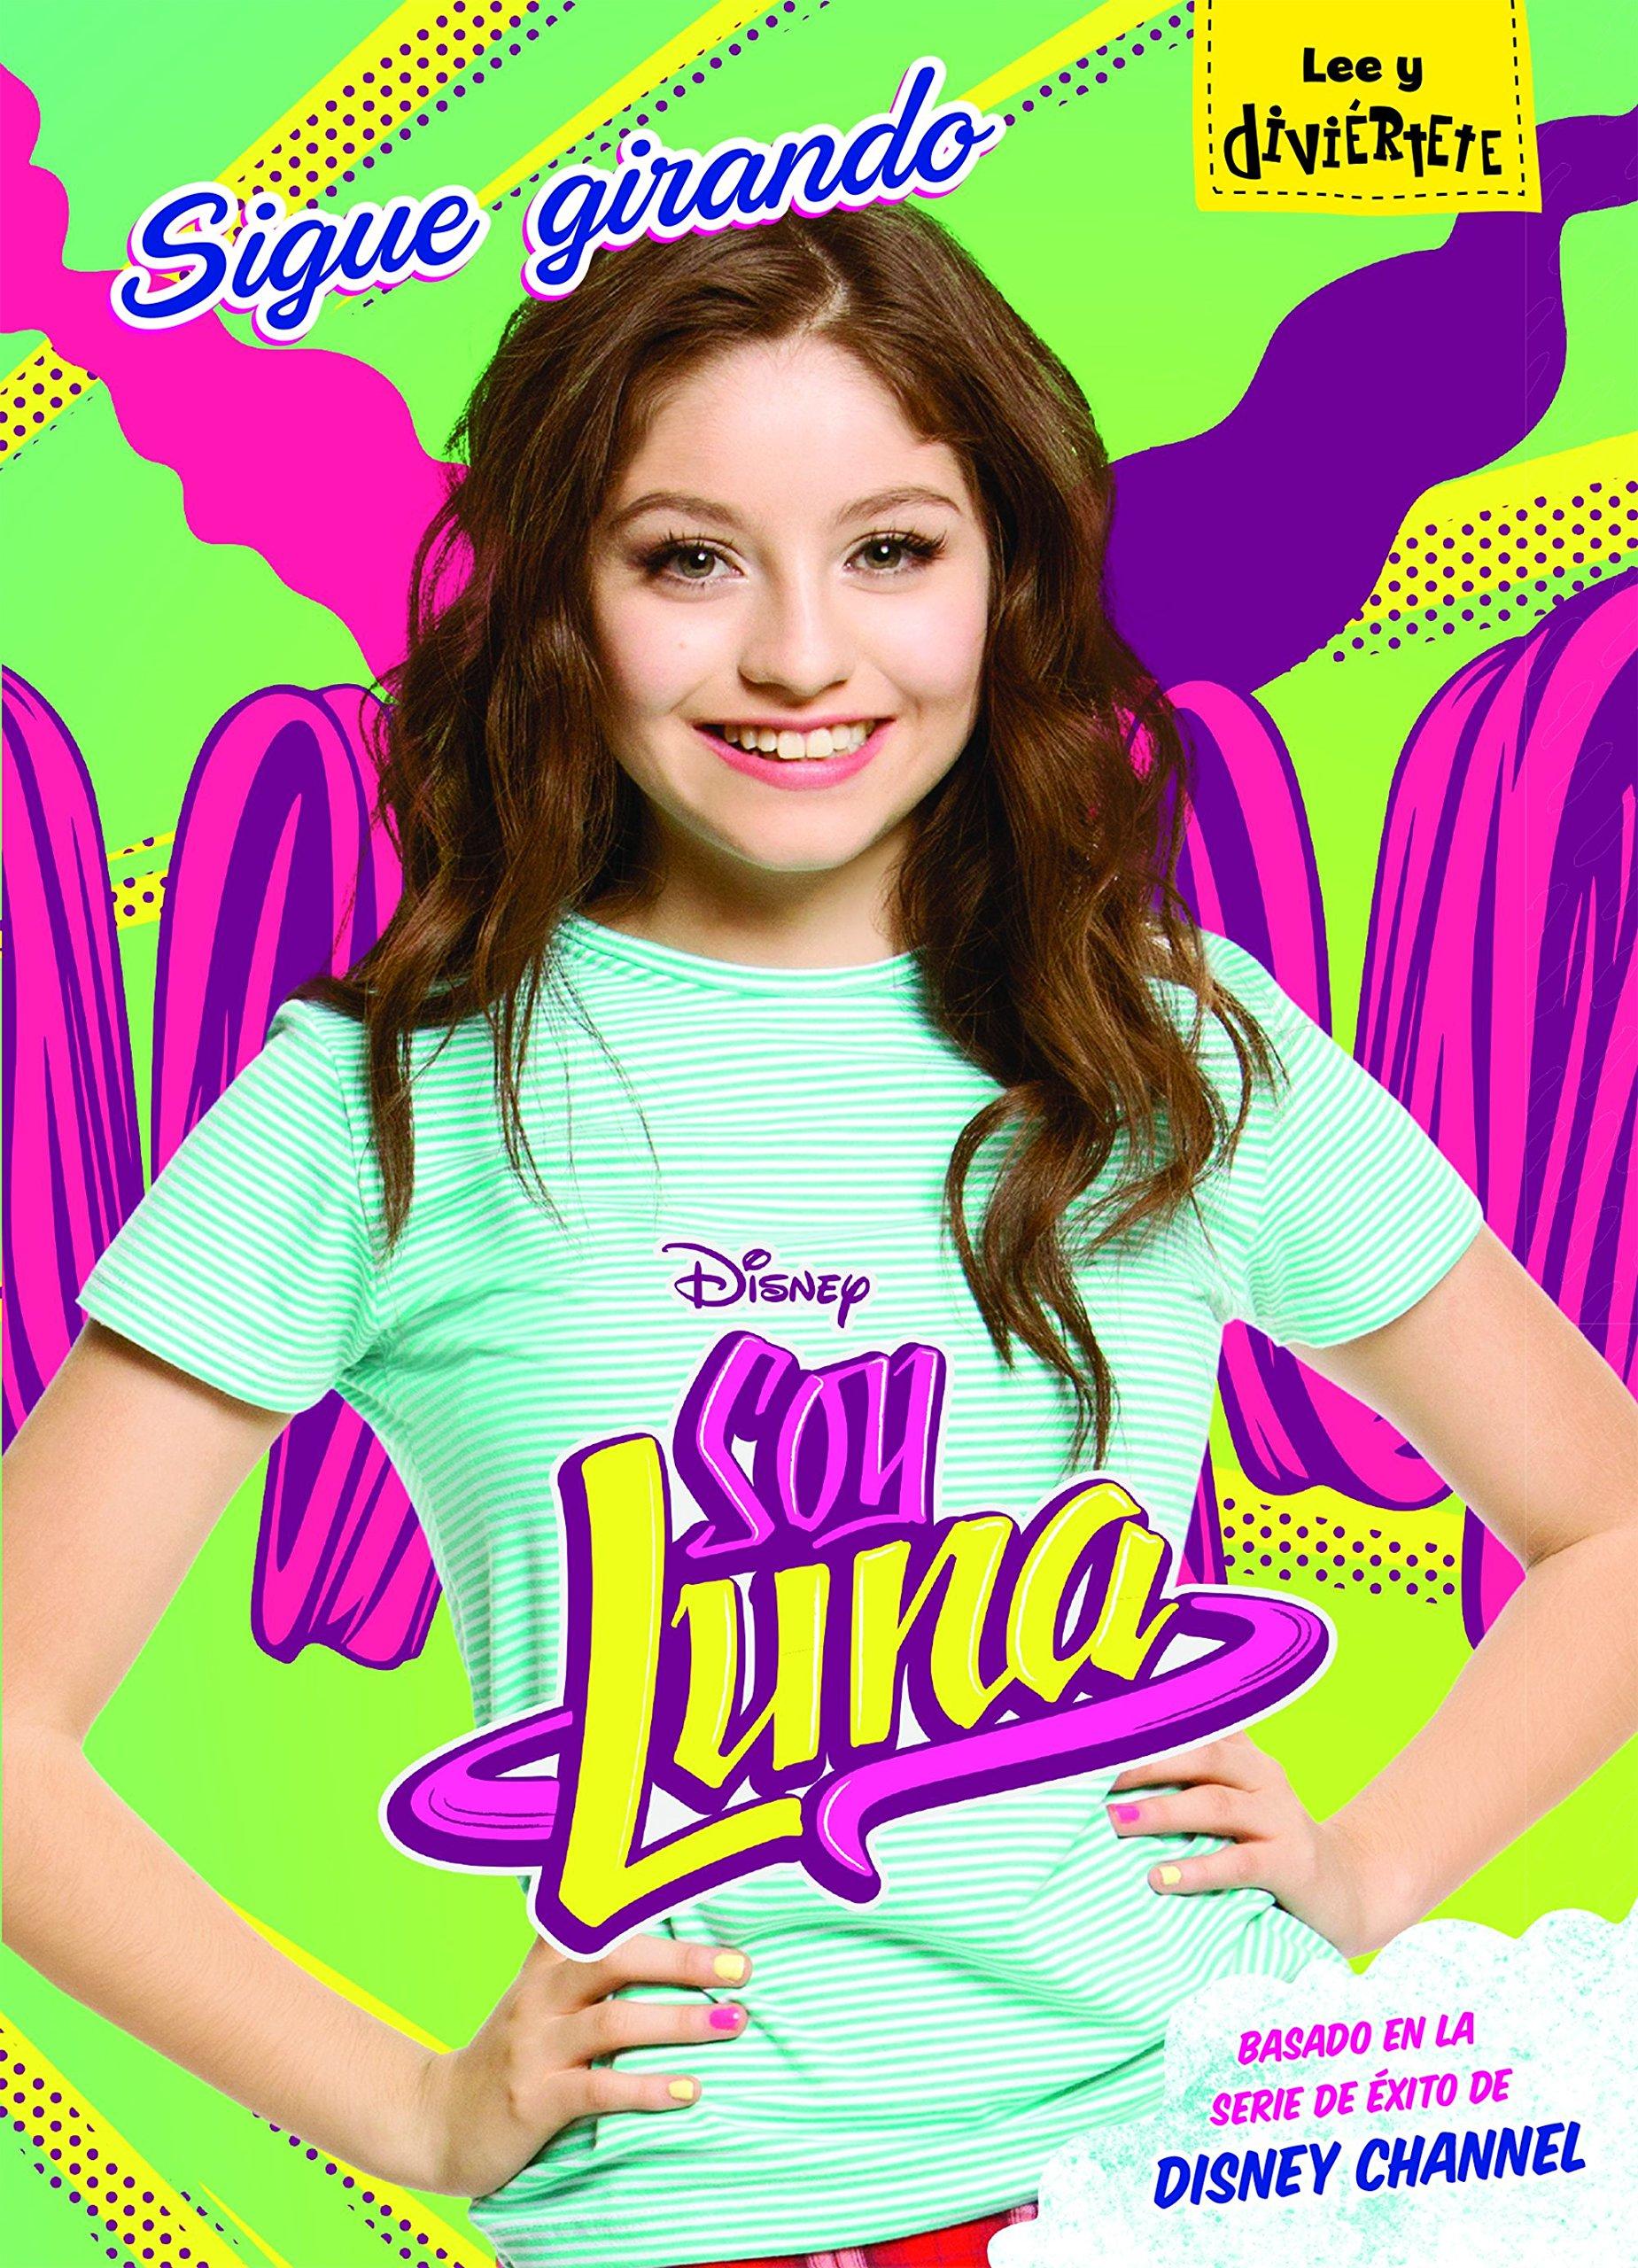 Soy Luna. Sigue girando: Narrativa 5 Disney. Soy Luna: Amazon.es: Disney: Libros